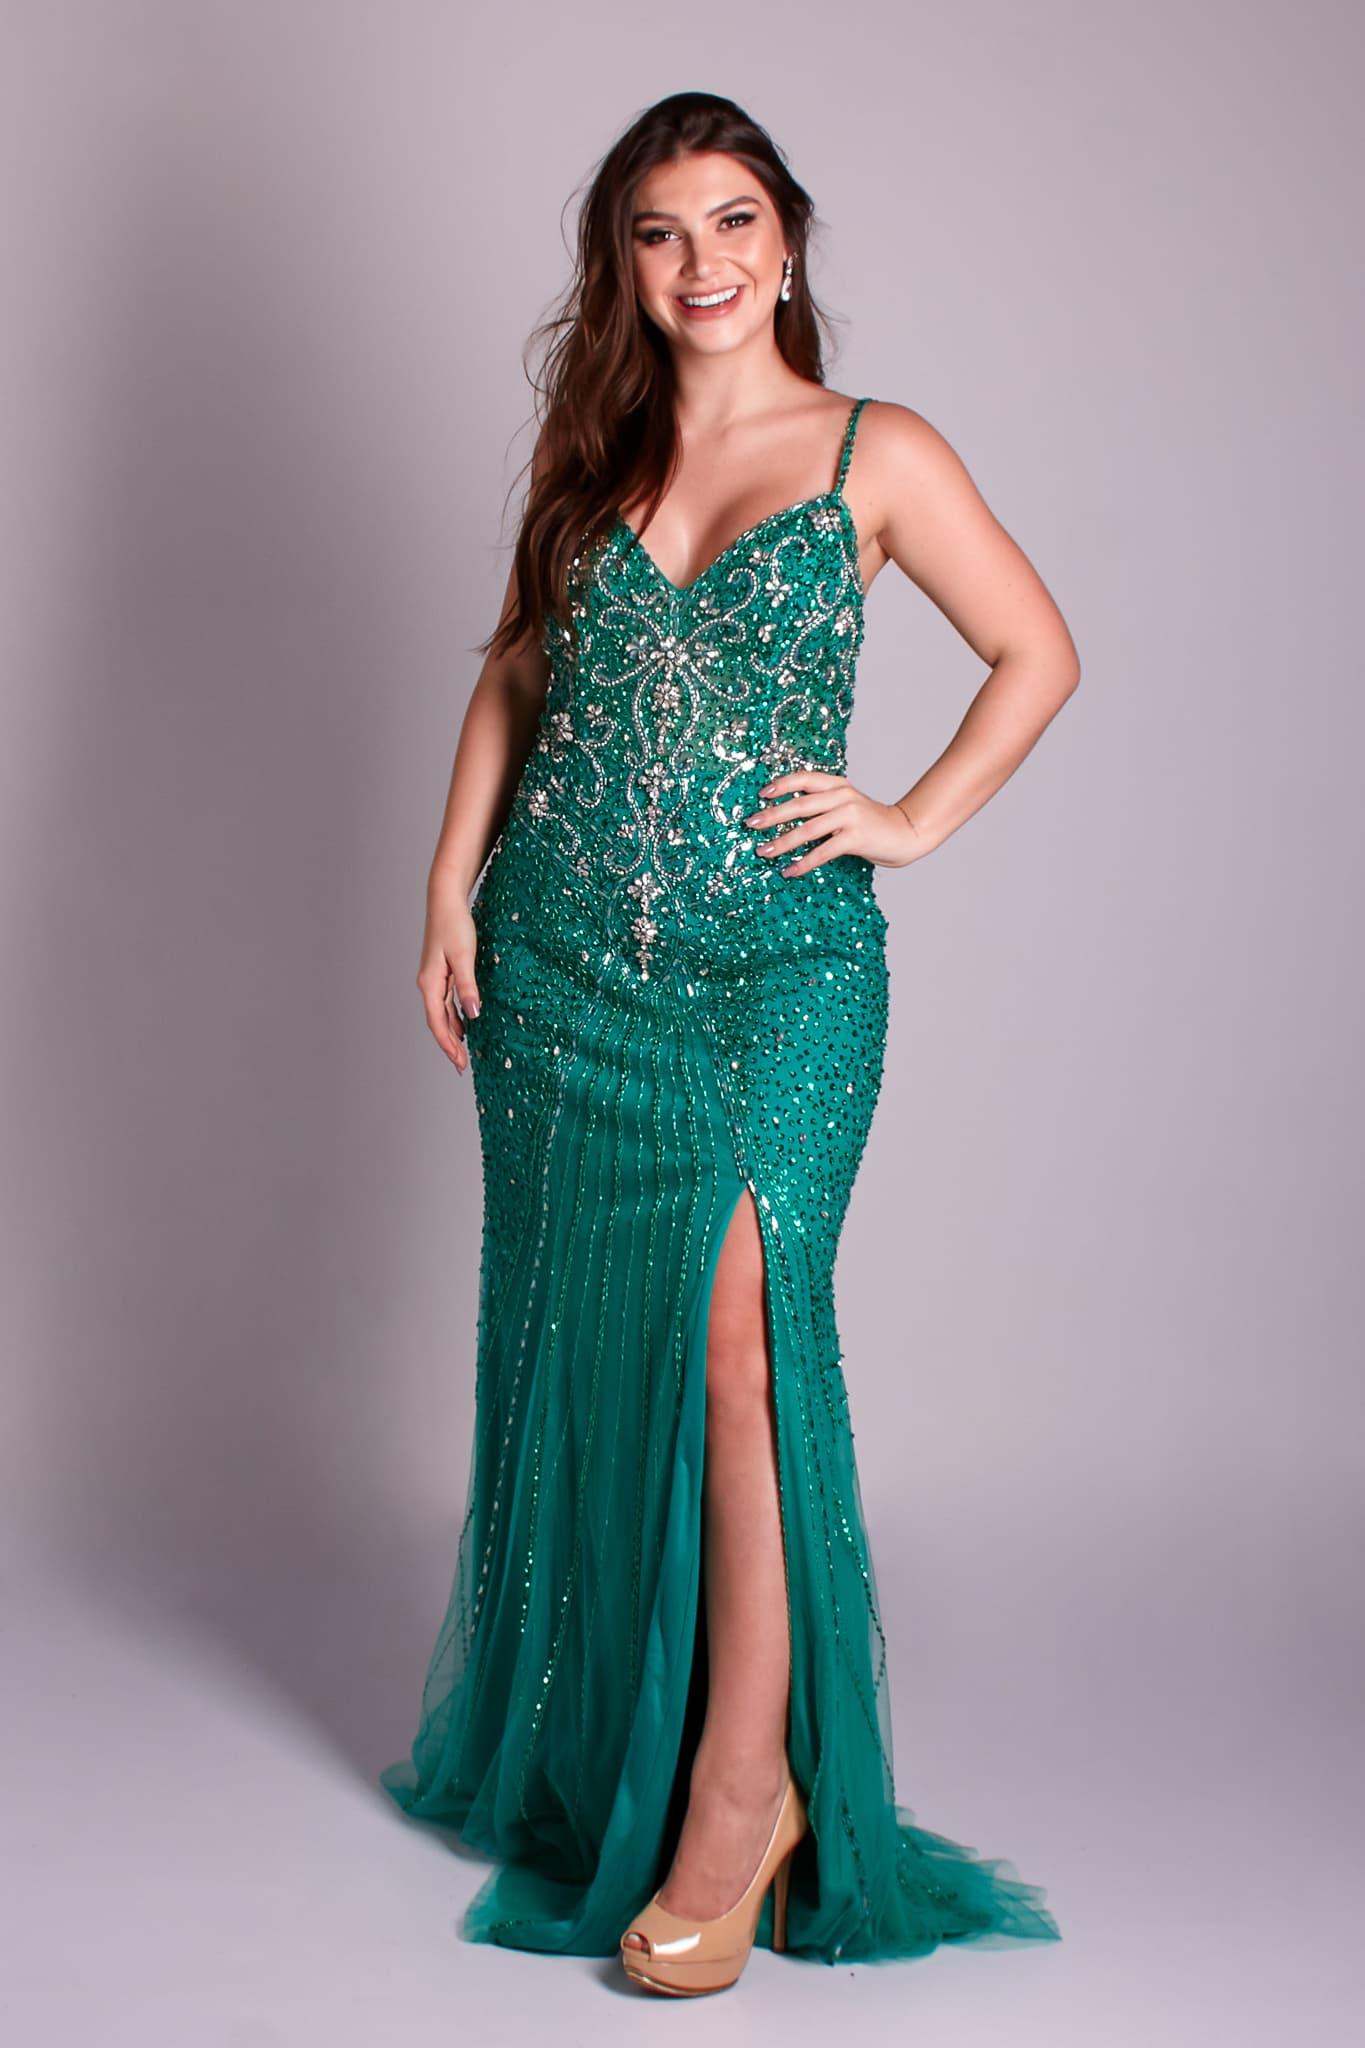 64 - vestido verde bordado com fenda e alcinhas